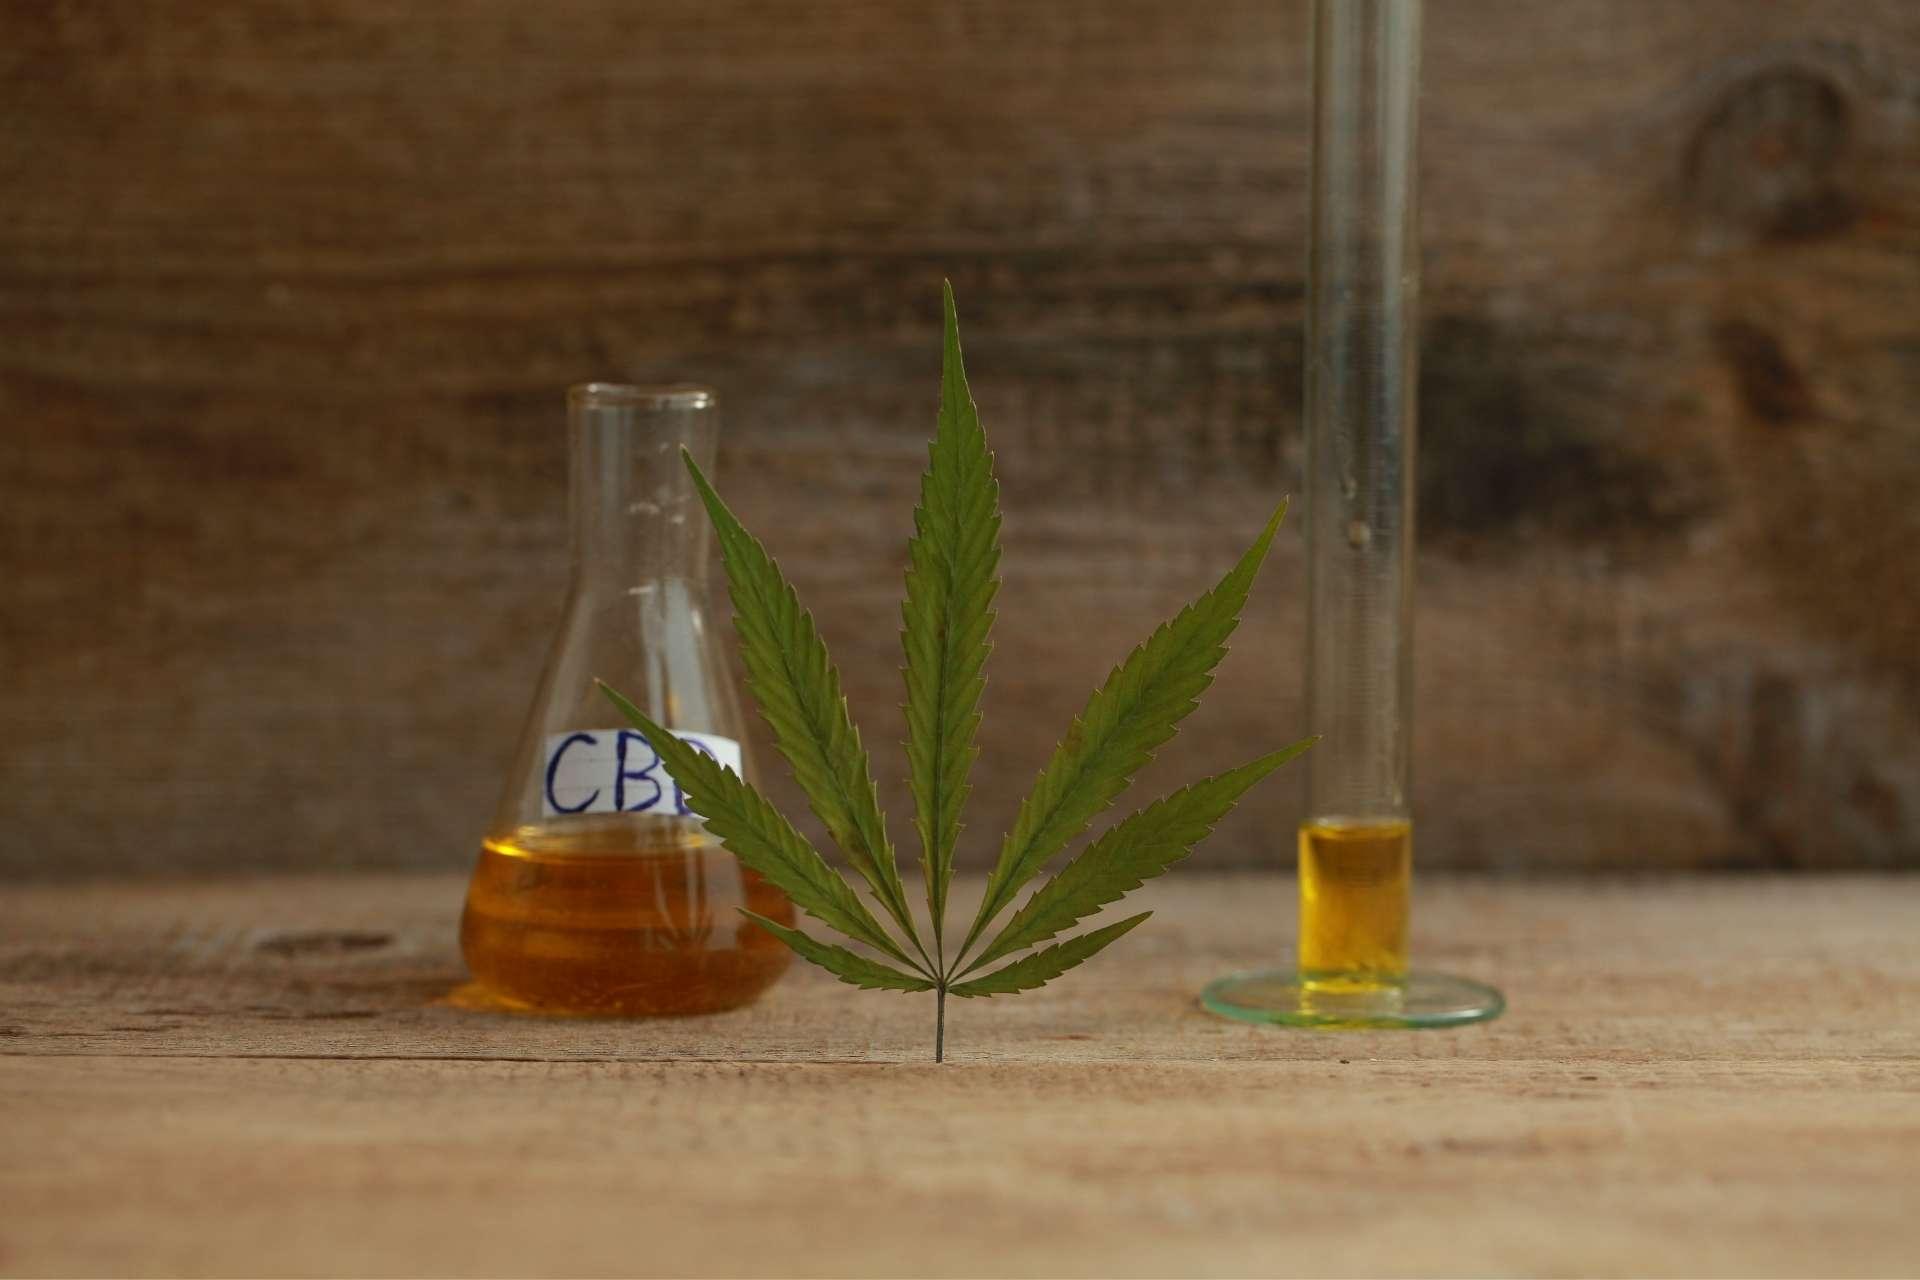 fabriquer de l'huile de CBD à la maison